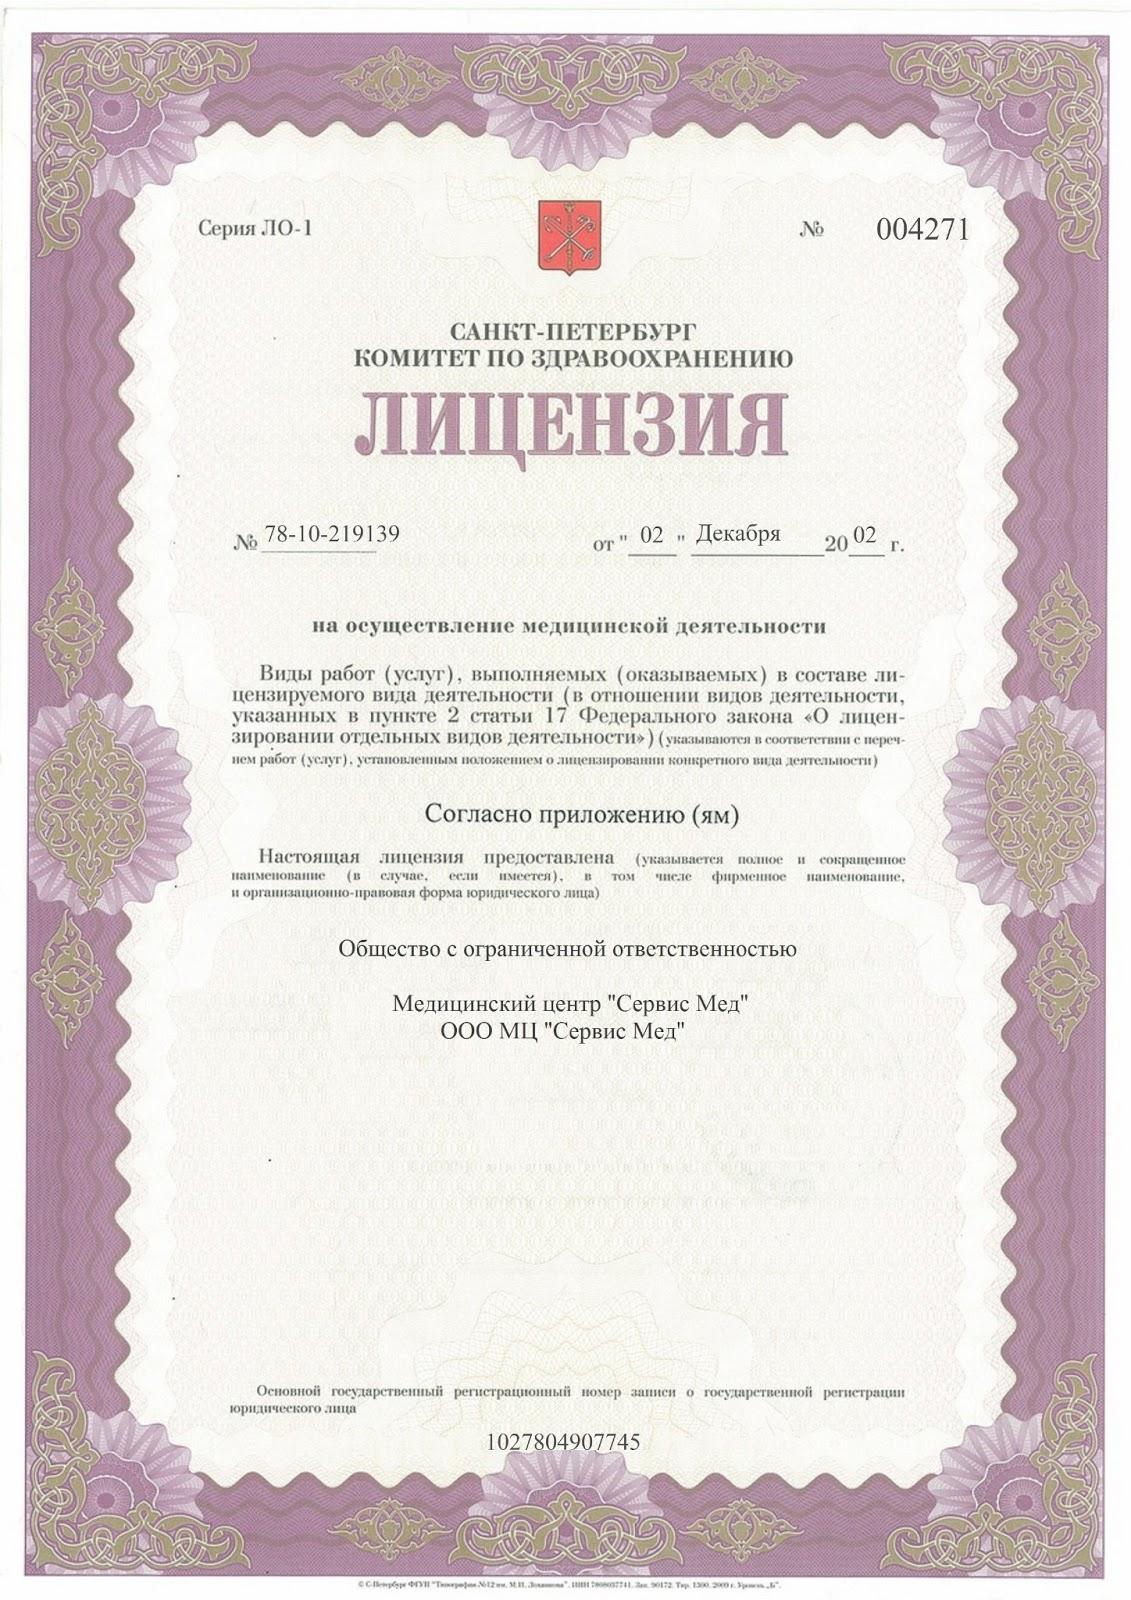 Купить официальный больничный лист в Луховицах официально